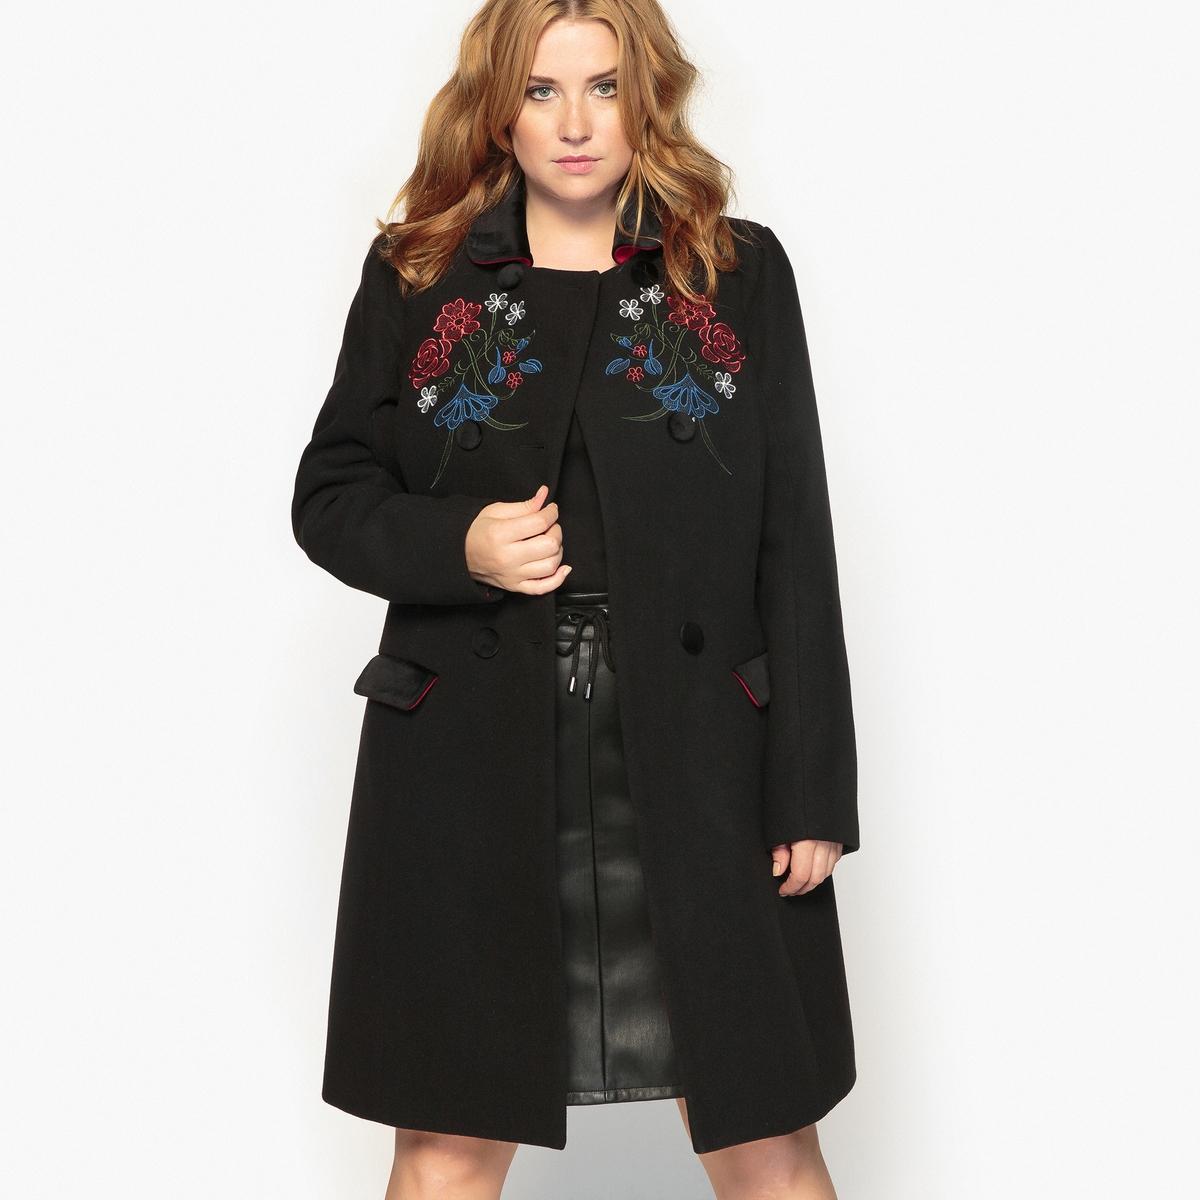 Пальто с цветочной вышивкойОписание:Пальто с модной цветочной вышивкой. Очень женственное, идеально смотрится с юбкой или платьем.Детали •  Длина  : удлиненная модель •  Отложной воротник   • Застежка на пуговицыСостав и уход •  10% вискозы, 2% эластана, 88% полиэстера • Не стирать •  Деликатная сухая чистка / не отбеливать •  Не использовать барабанную сушку •  Низкая температура глажкиТовар из коллекции больших размеров •  Цветочная вышивка. •  Велюровая отделка воротника и карманов.<br><br>Цвет: черный<br>Размер: 52 (FR) - 58 (RUS).48 (FR) - 54 (RUS).58 (FR) - 64 (RUS).50 (FR) - 56 (RUS)